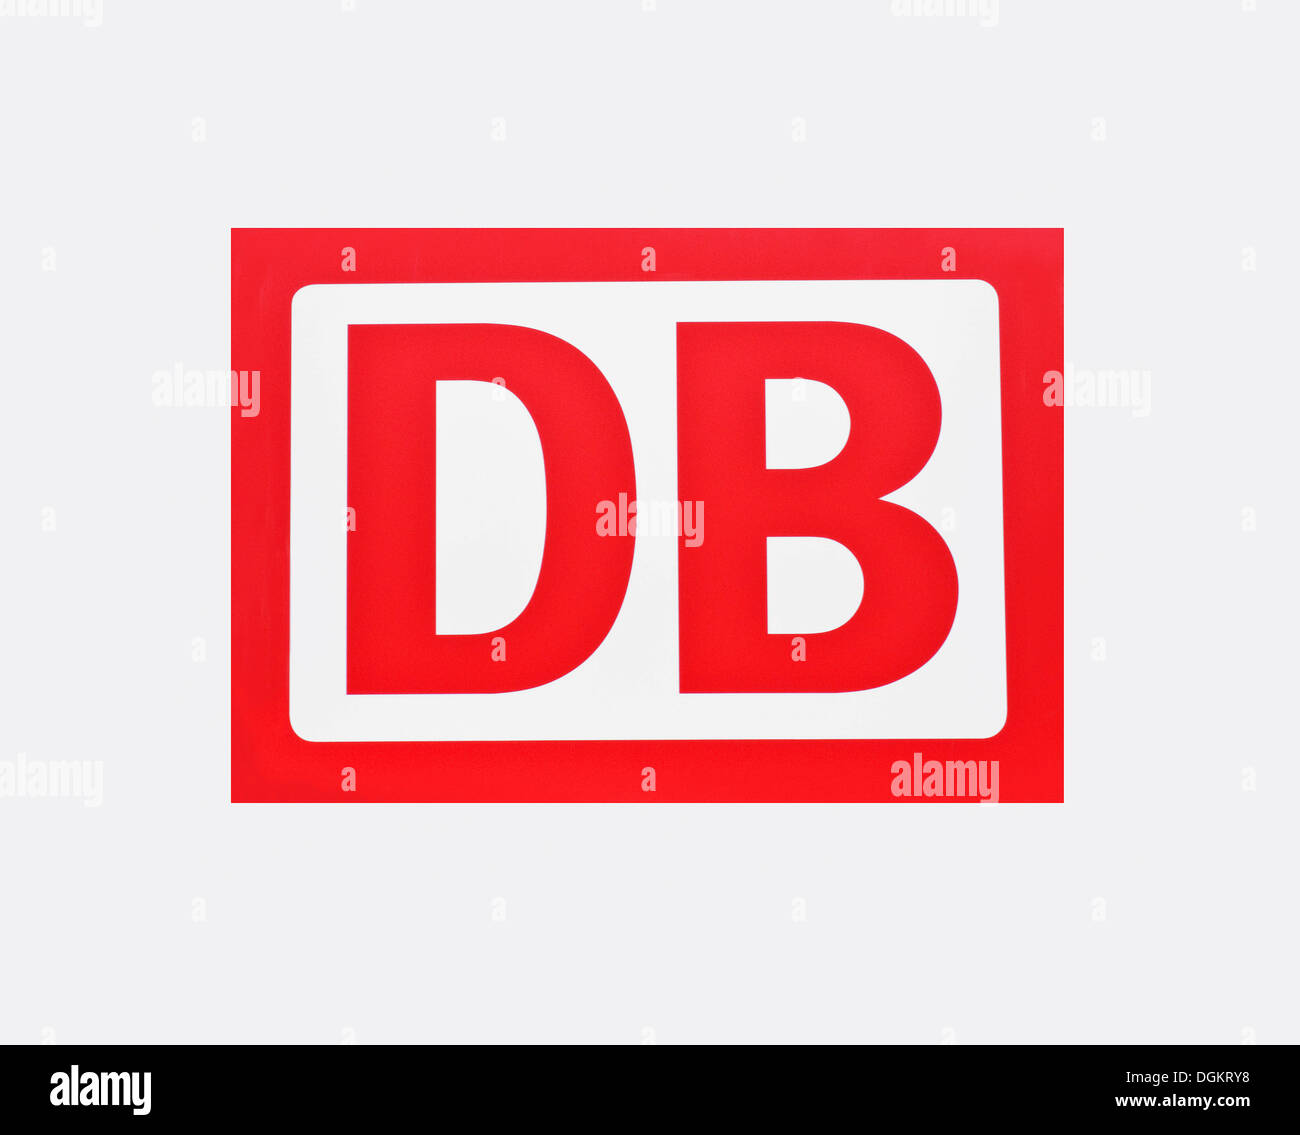 DB, Deutsche Bahn, German railways, logo - Stock Image